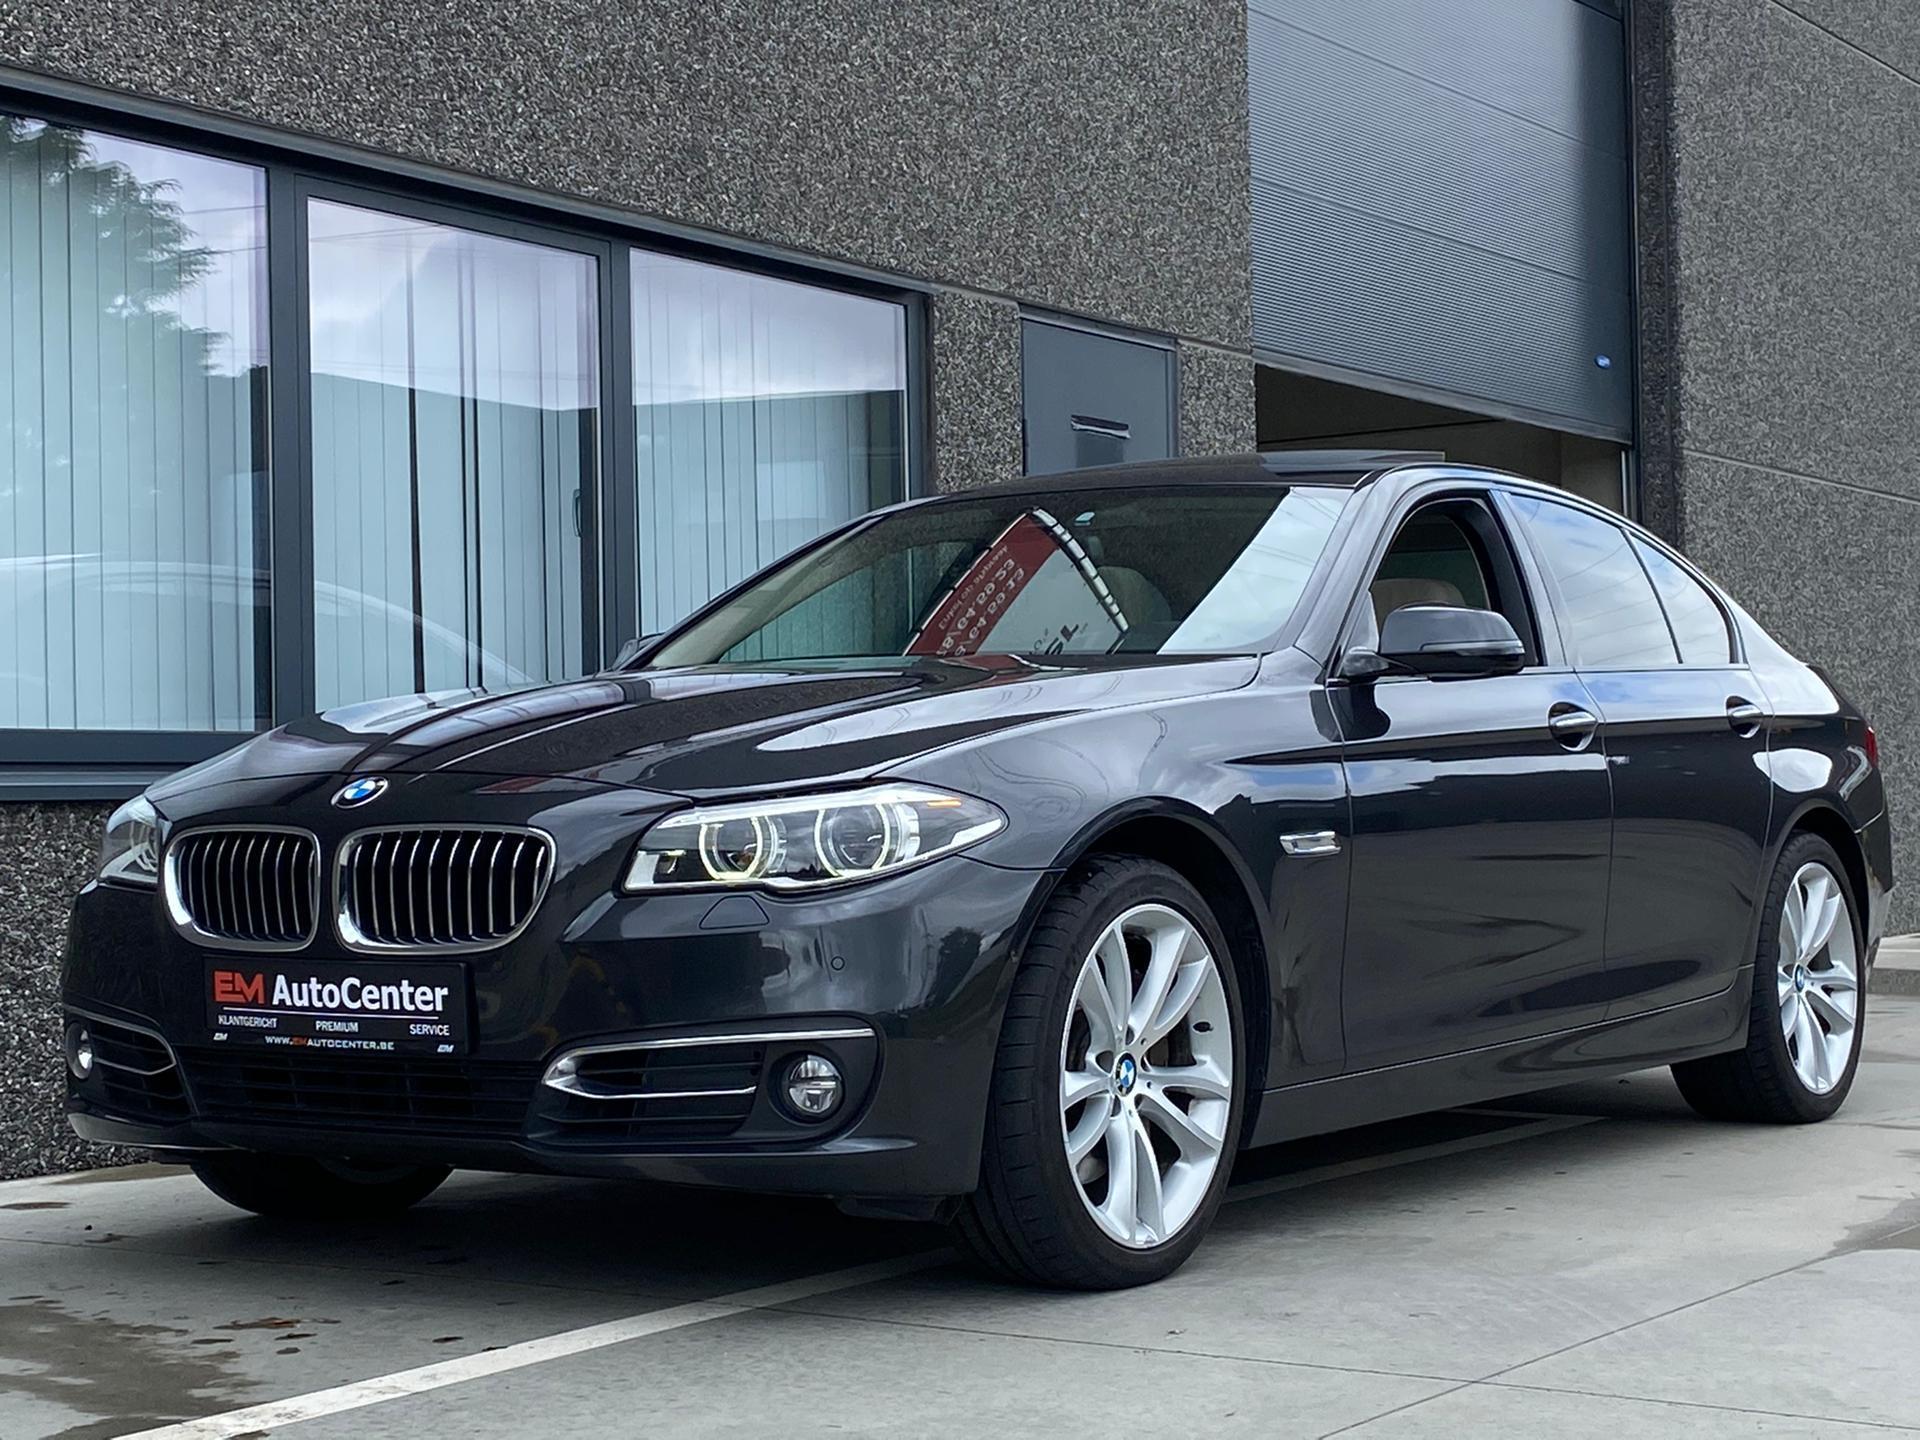 BMW 535 xDrive